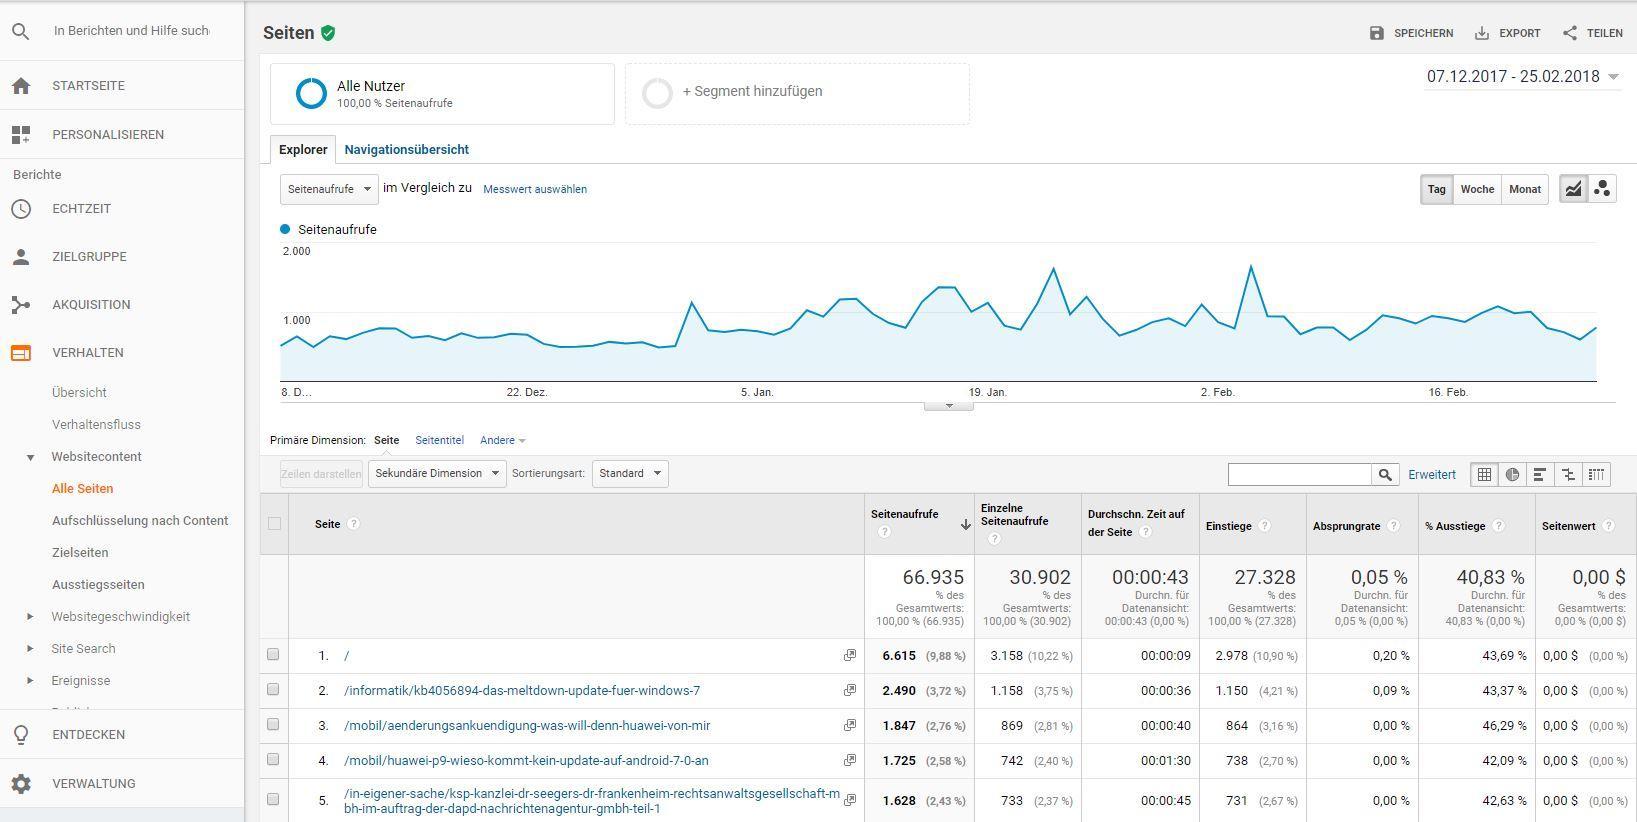 In Google Analytics sehe ich unter Verhalten -> Websitecontent -> Alle Seiten die Artikel im Blog mit den meisten Zugriffen